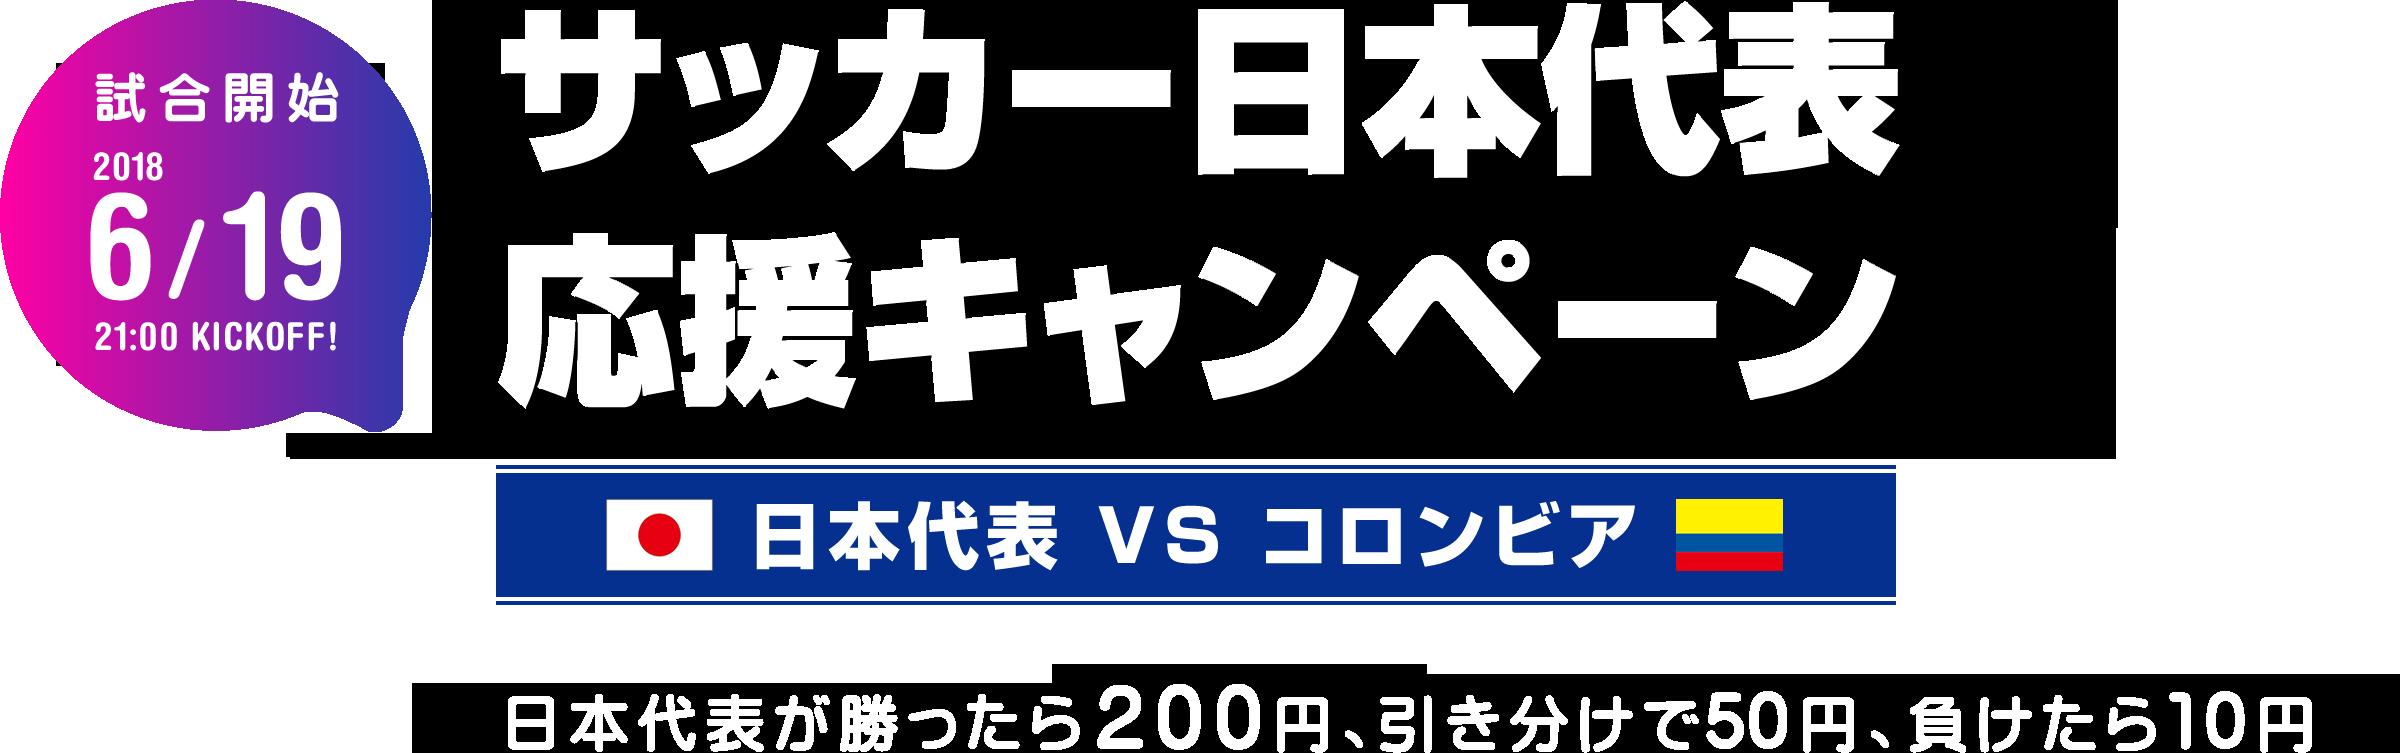 お手軽送金サービスのpringでサッカー日本代表応援キャンペーンで最大500円貰える。~6/19。